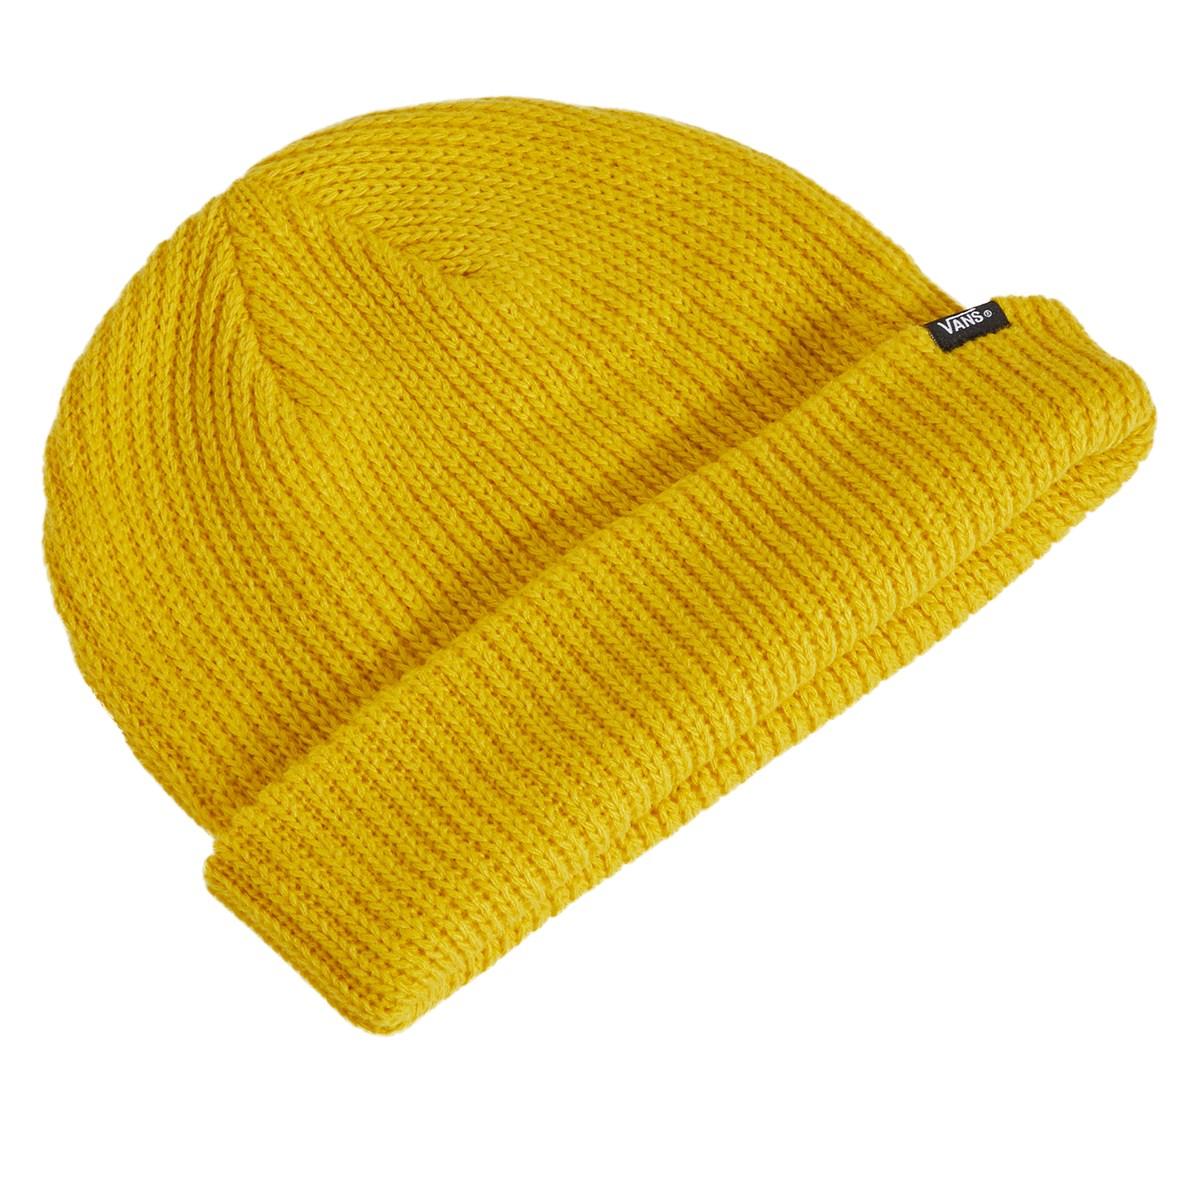 Core Basics Beanie in Yellow